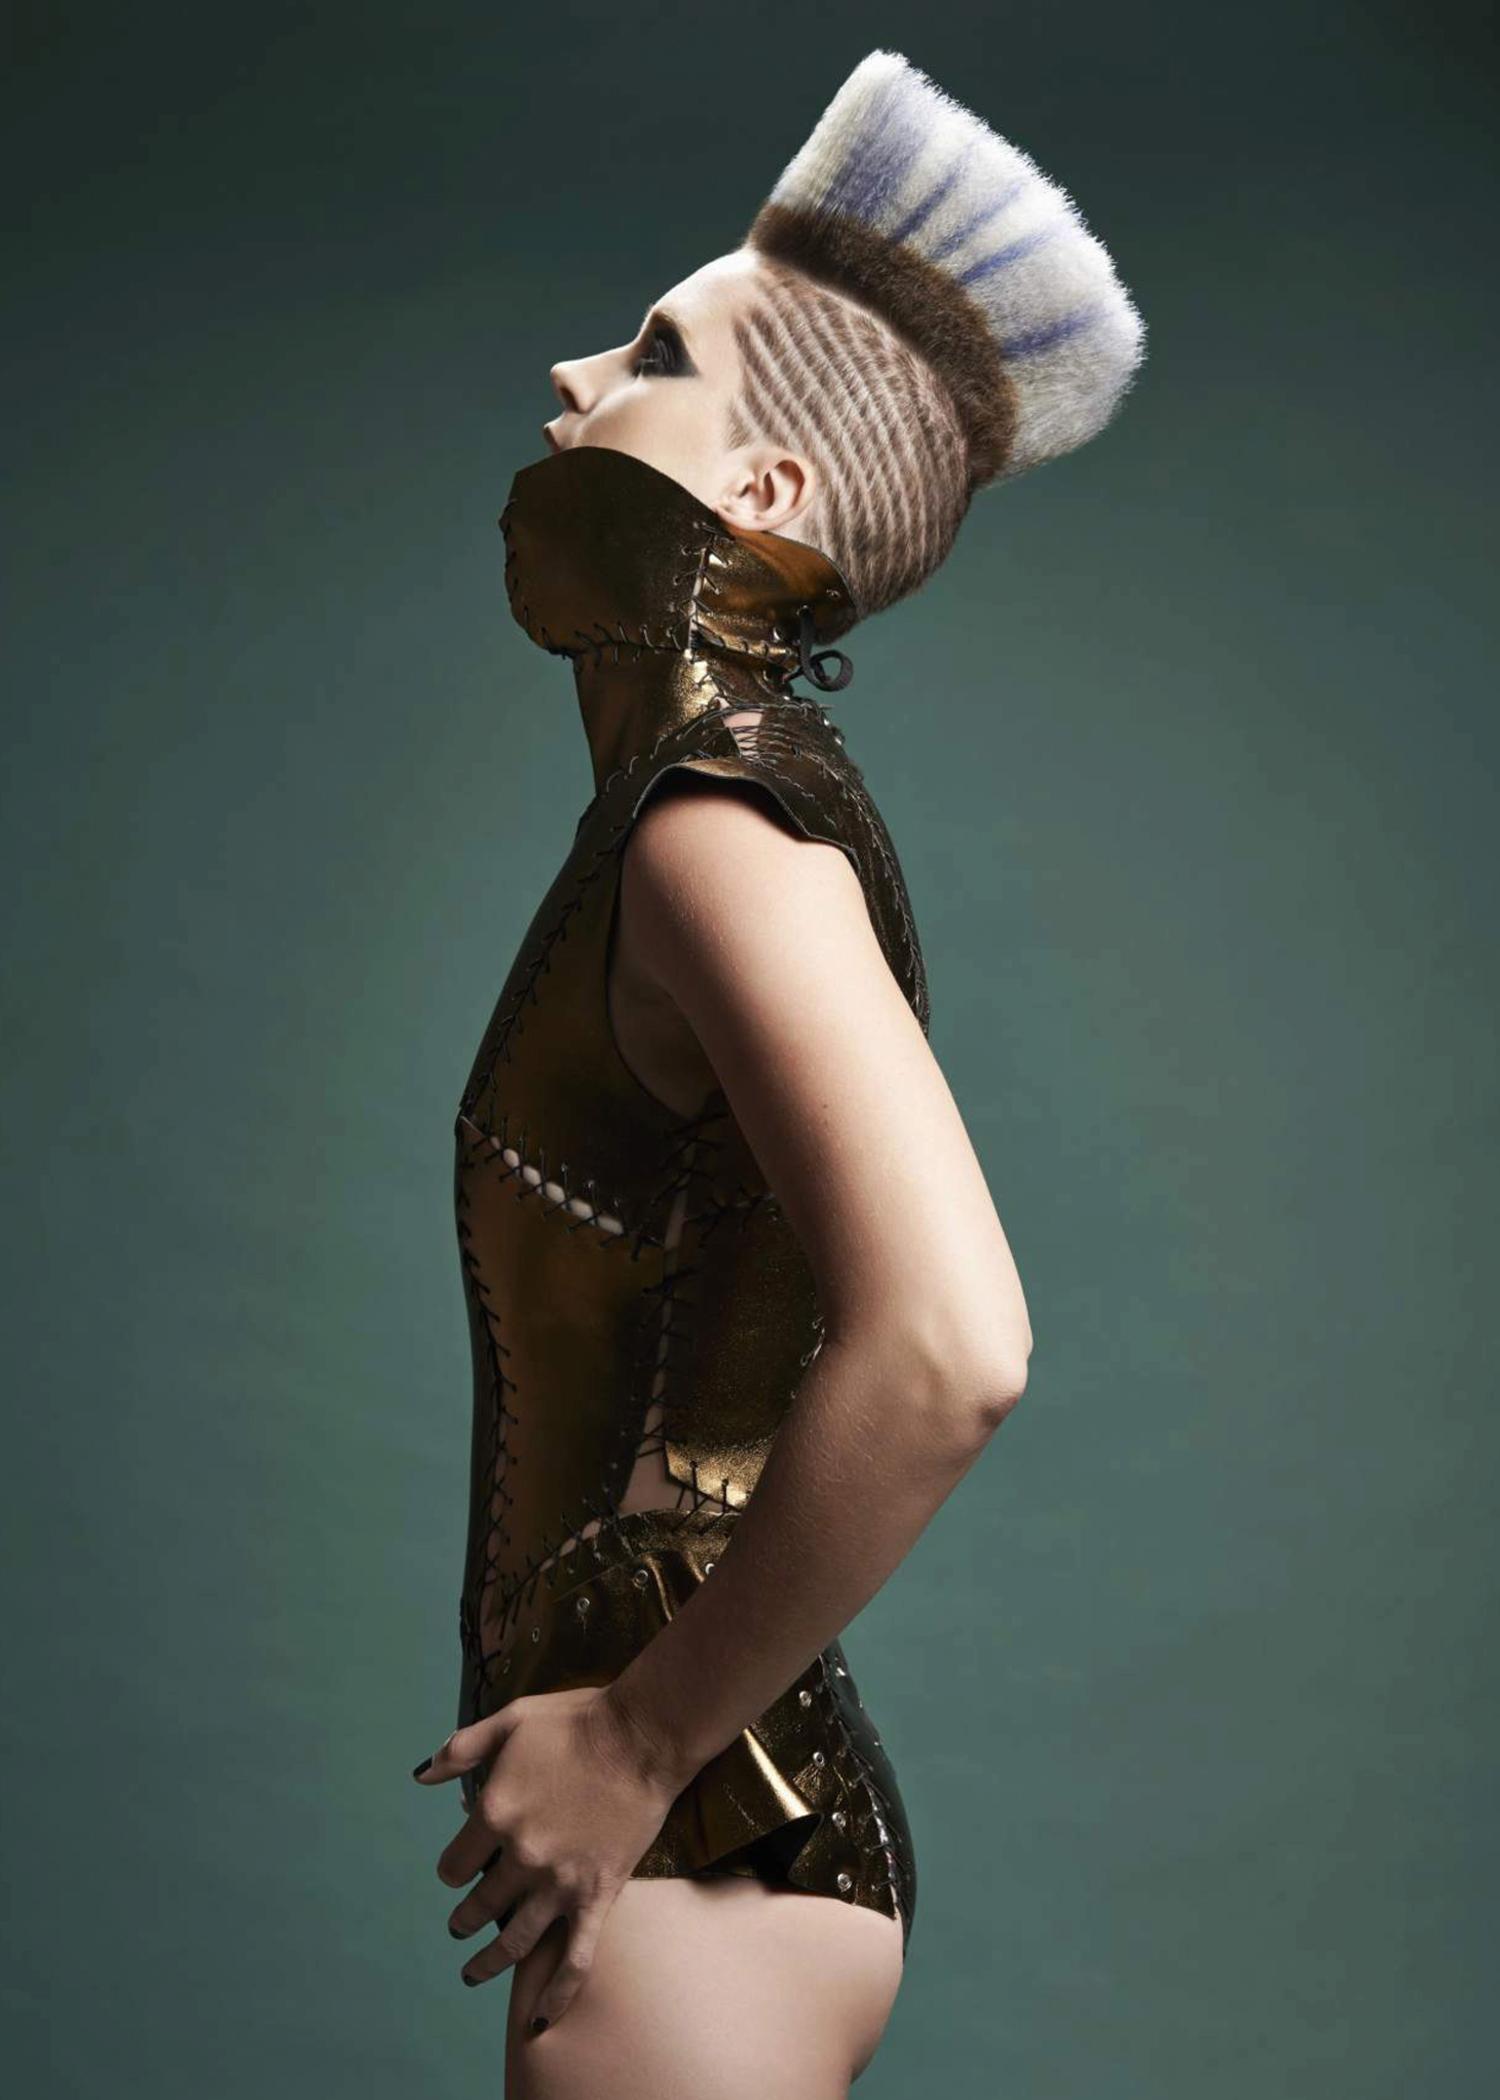 yoshikohair_stkilda_melbourne_hairdresser_hairsalon_fashion weekly17_7